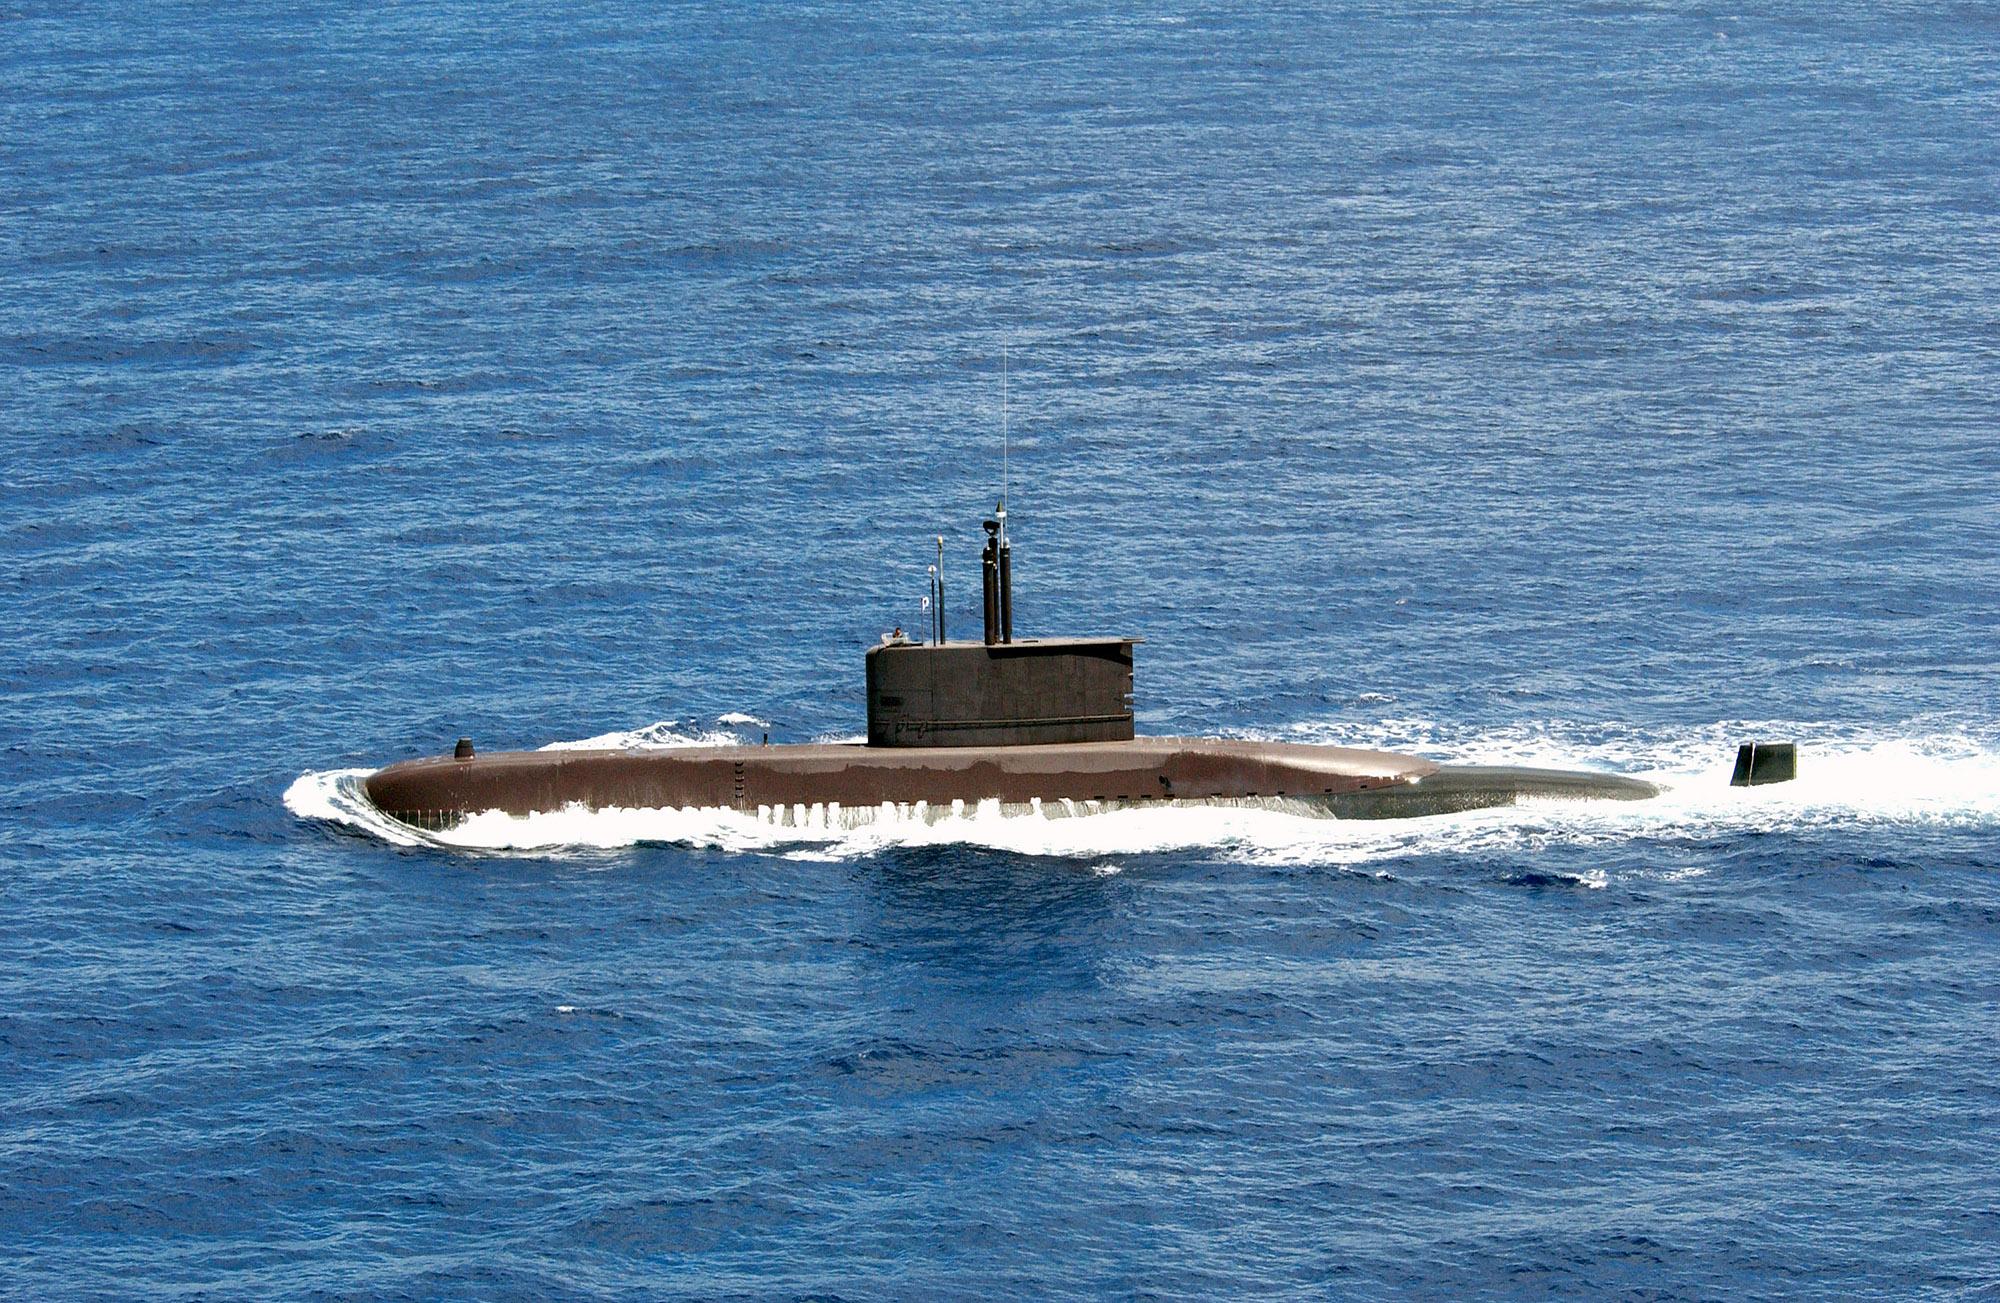 кто выслеживал на собственном катере немецкие подводные лодки